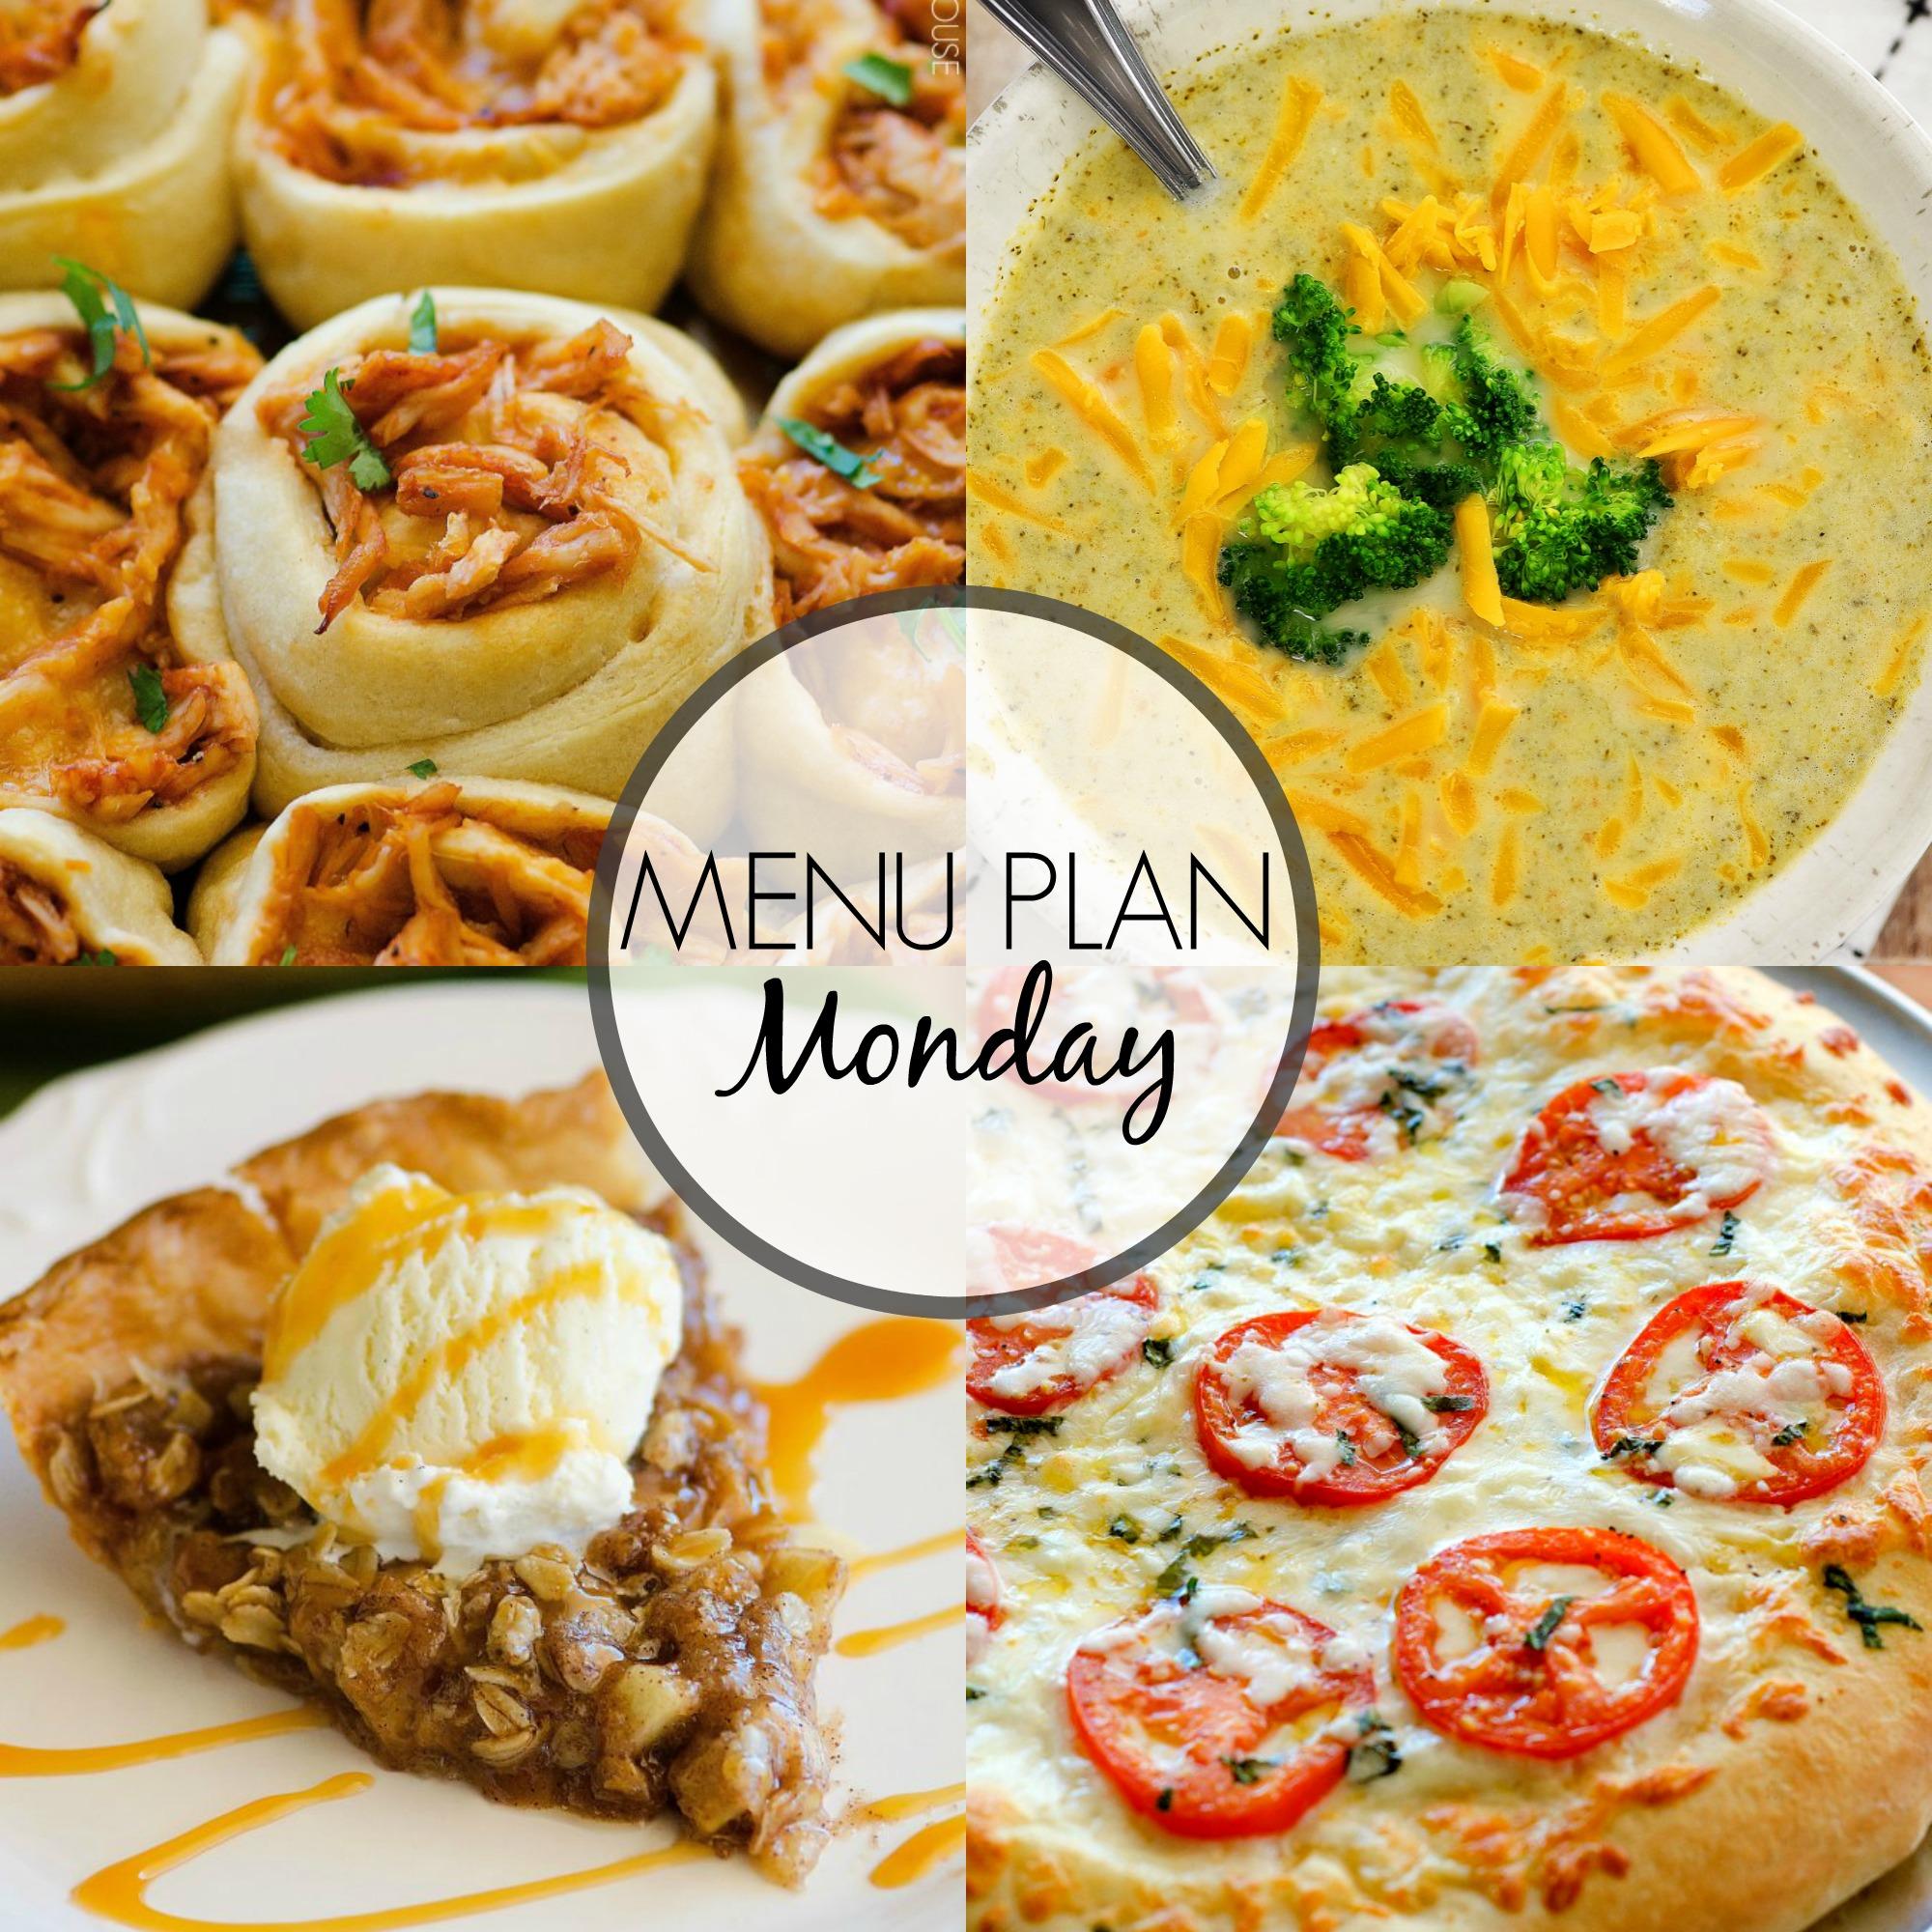 Menu Plan Monday #306